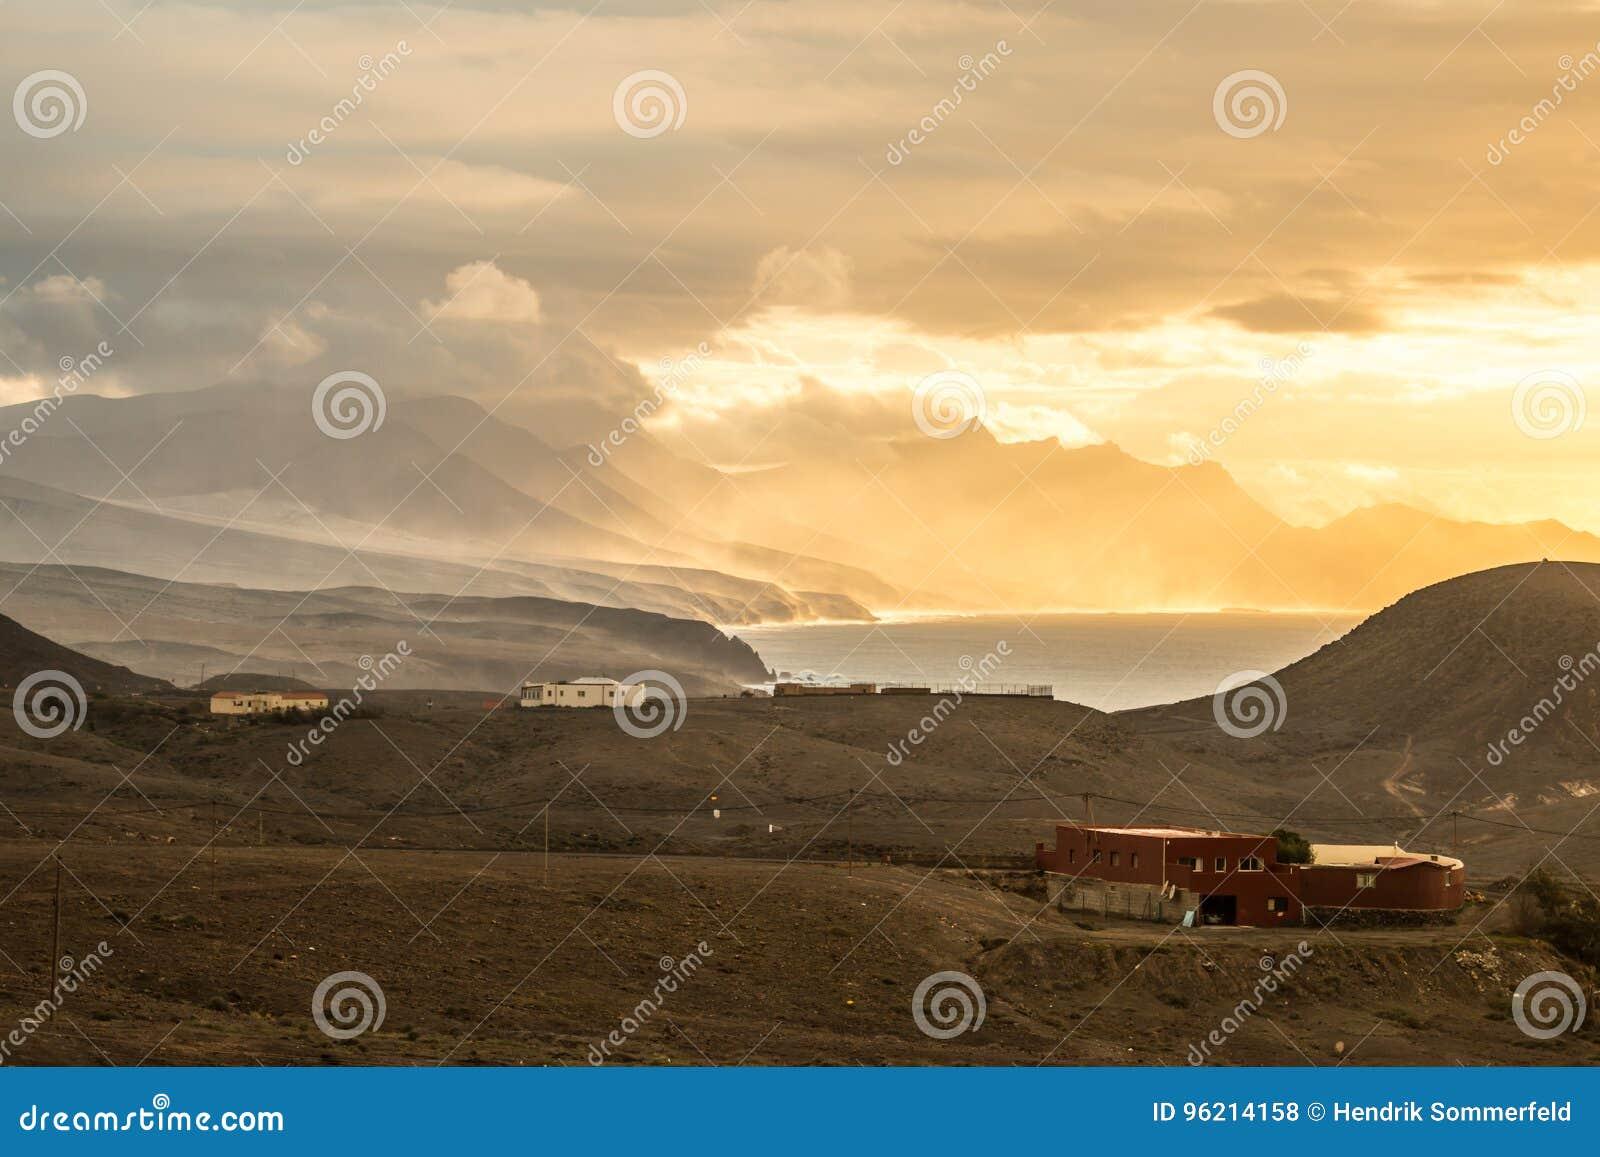 Paisaje de la puesta del sol del océano con la costa costa montañosa y la atmósfera ligera épica